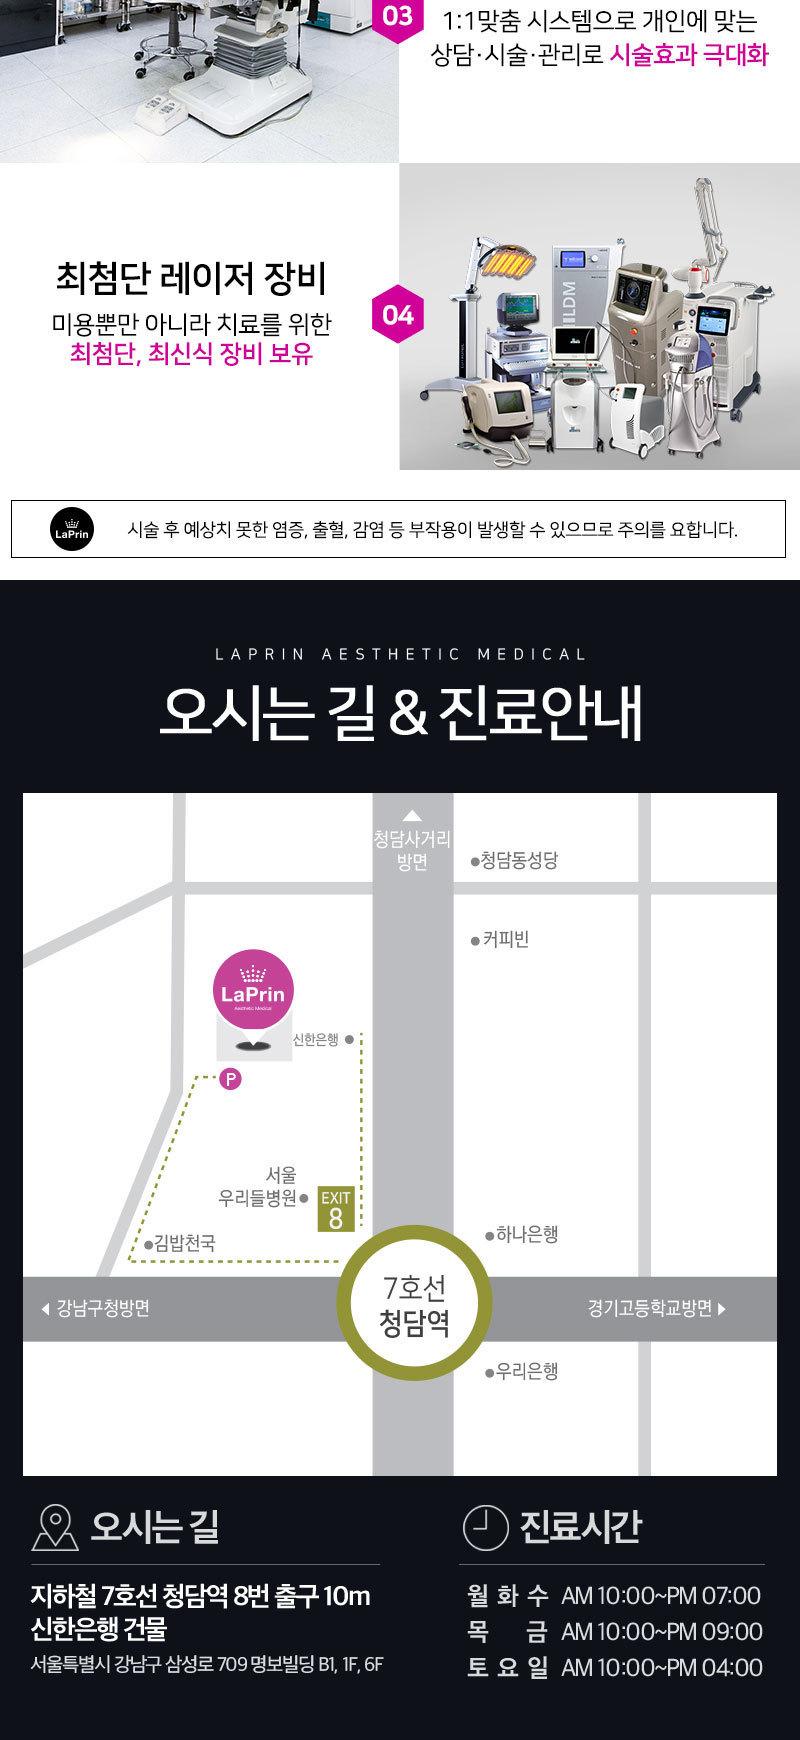 D event info 9b9aa8ef74e33726b5